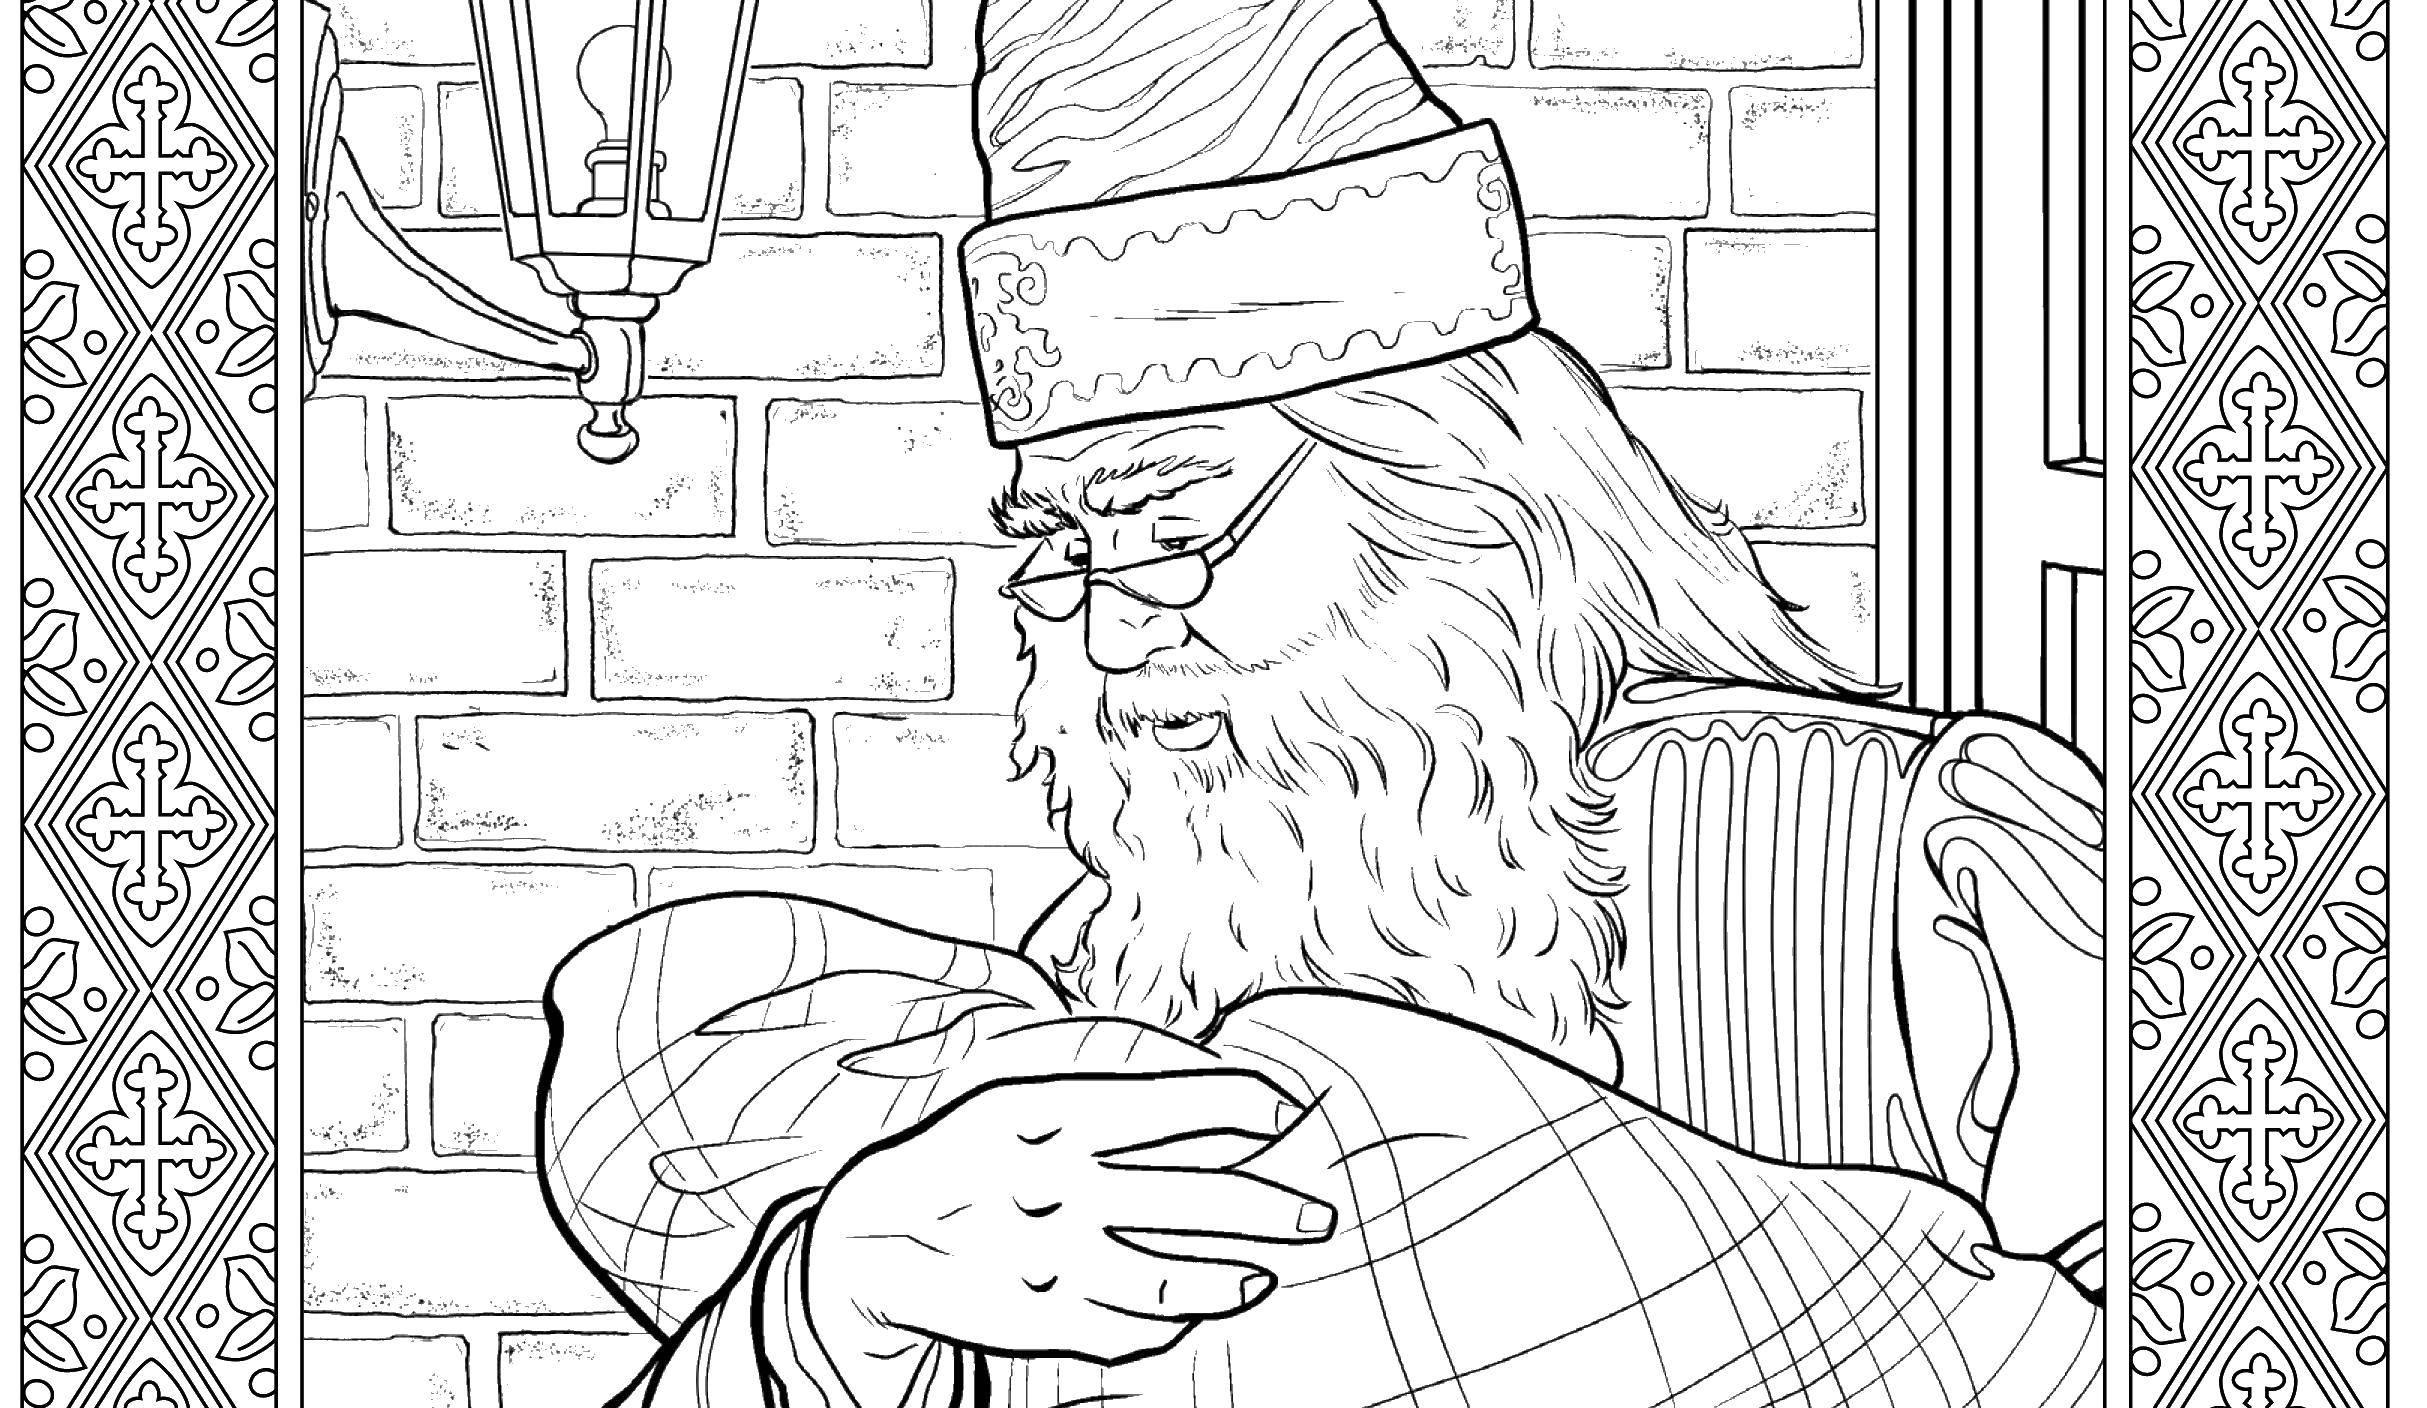 Раскраски Раскраска Альбус дамблдор с ребенком Гарри ...